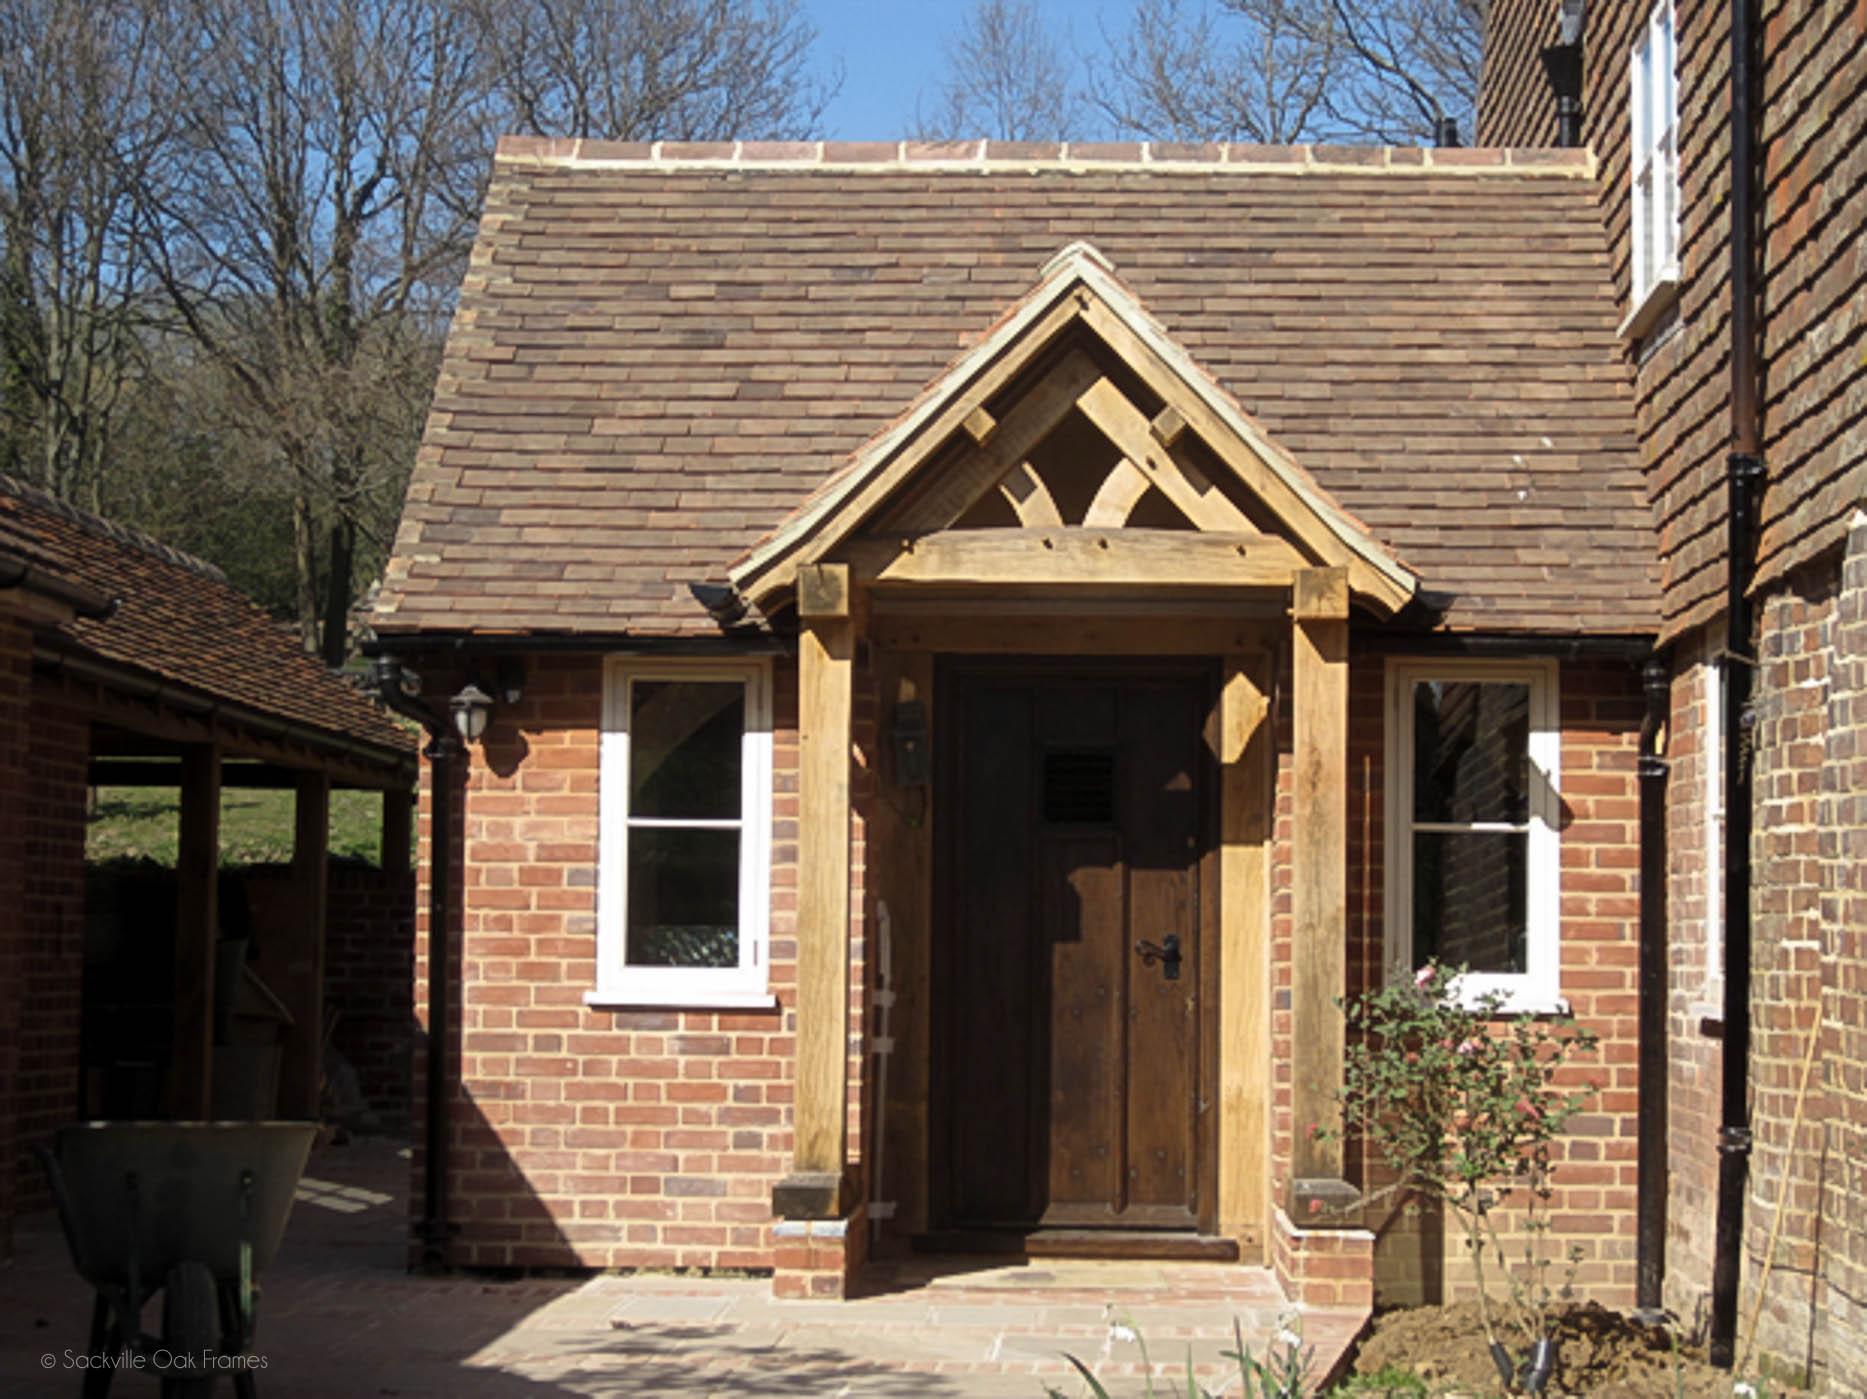 Sackville Oak Frames - Oak Framed Porches and Entrance Halls